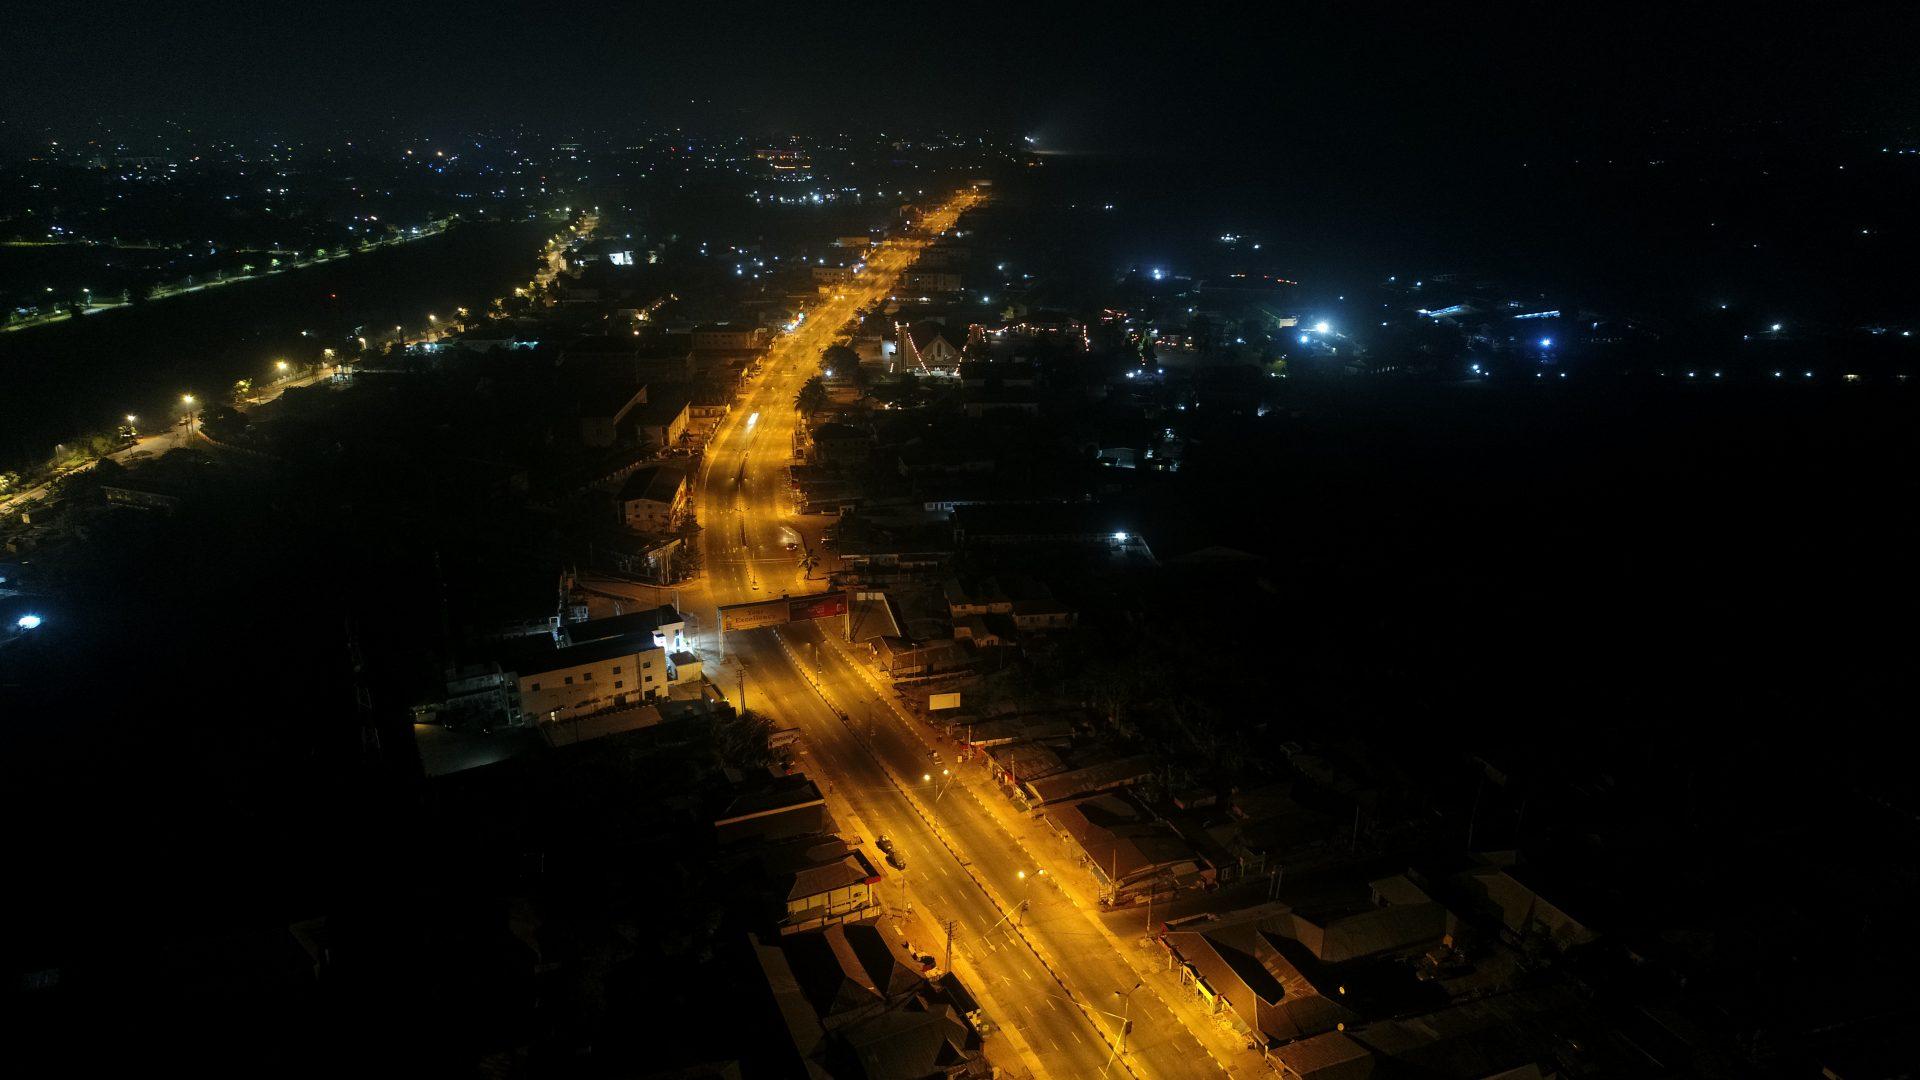 Motorway lit up at night